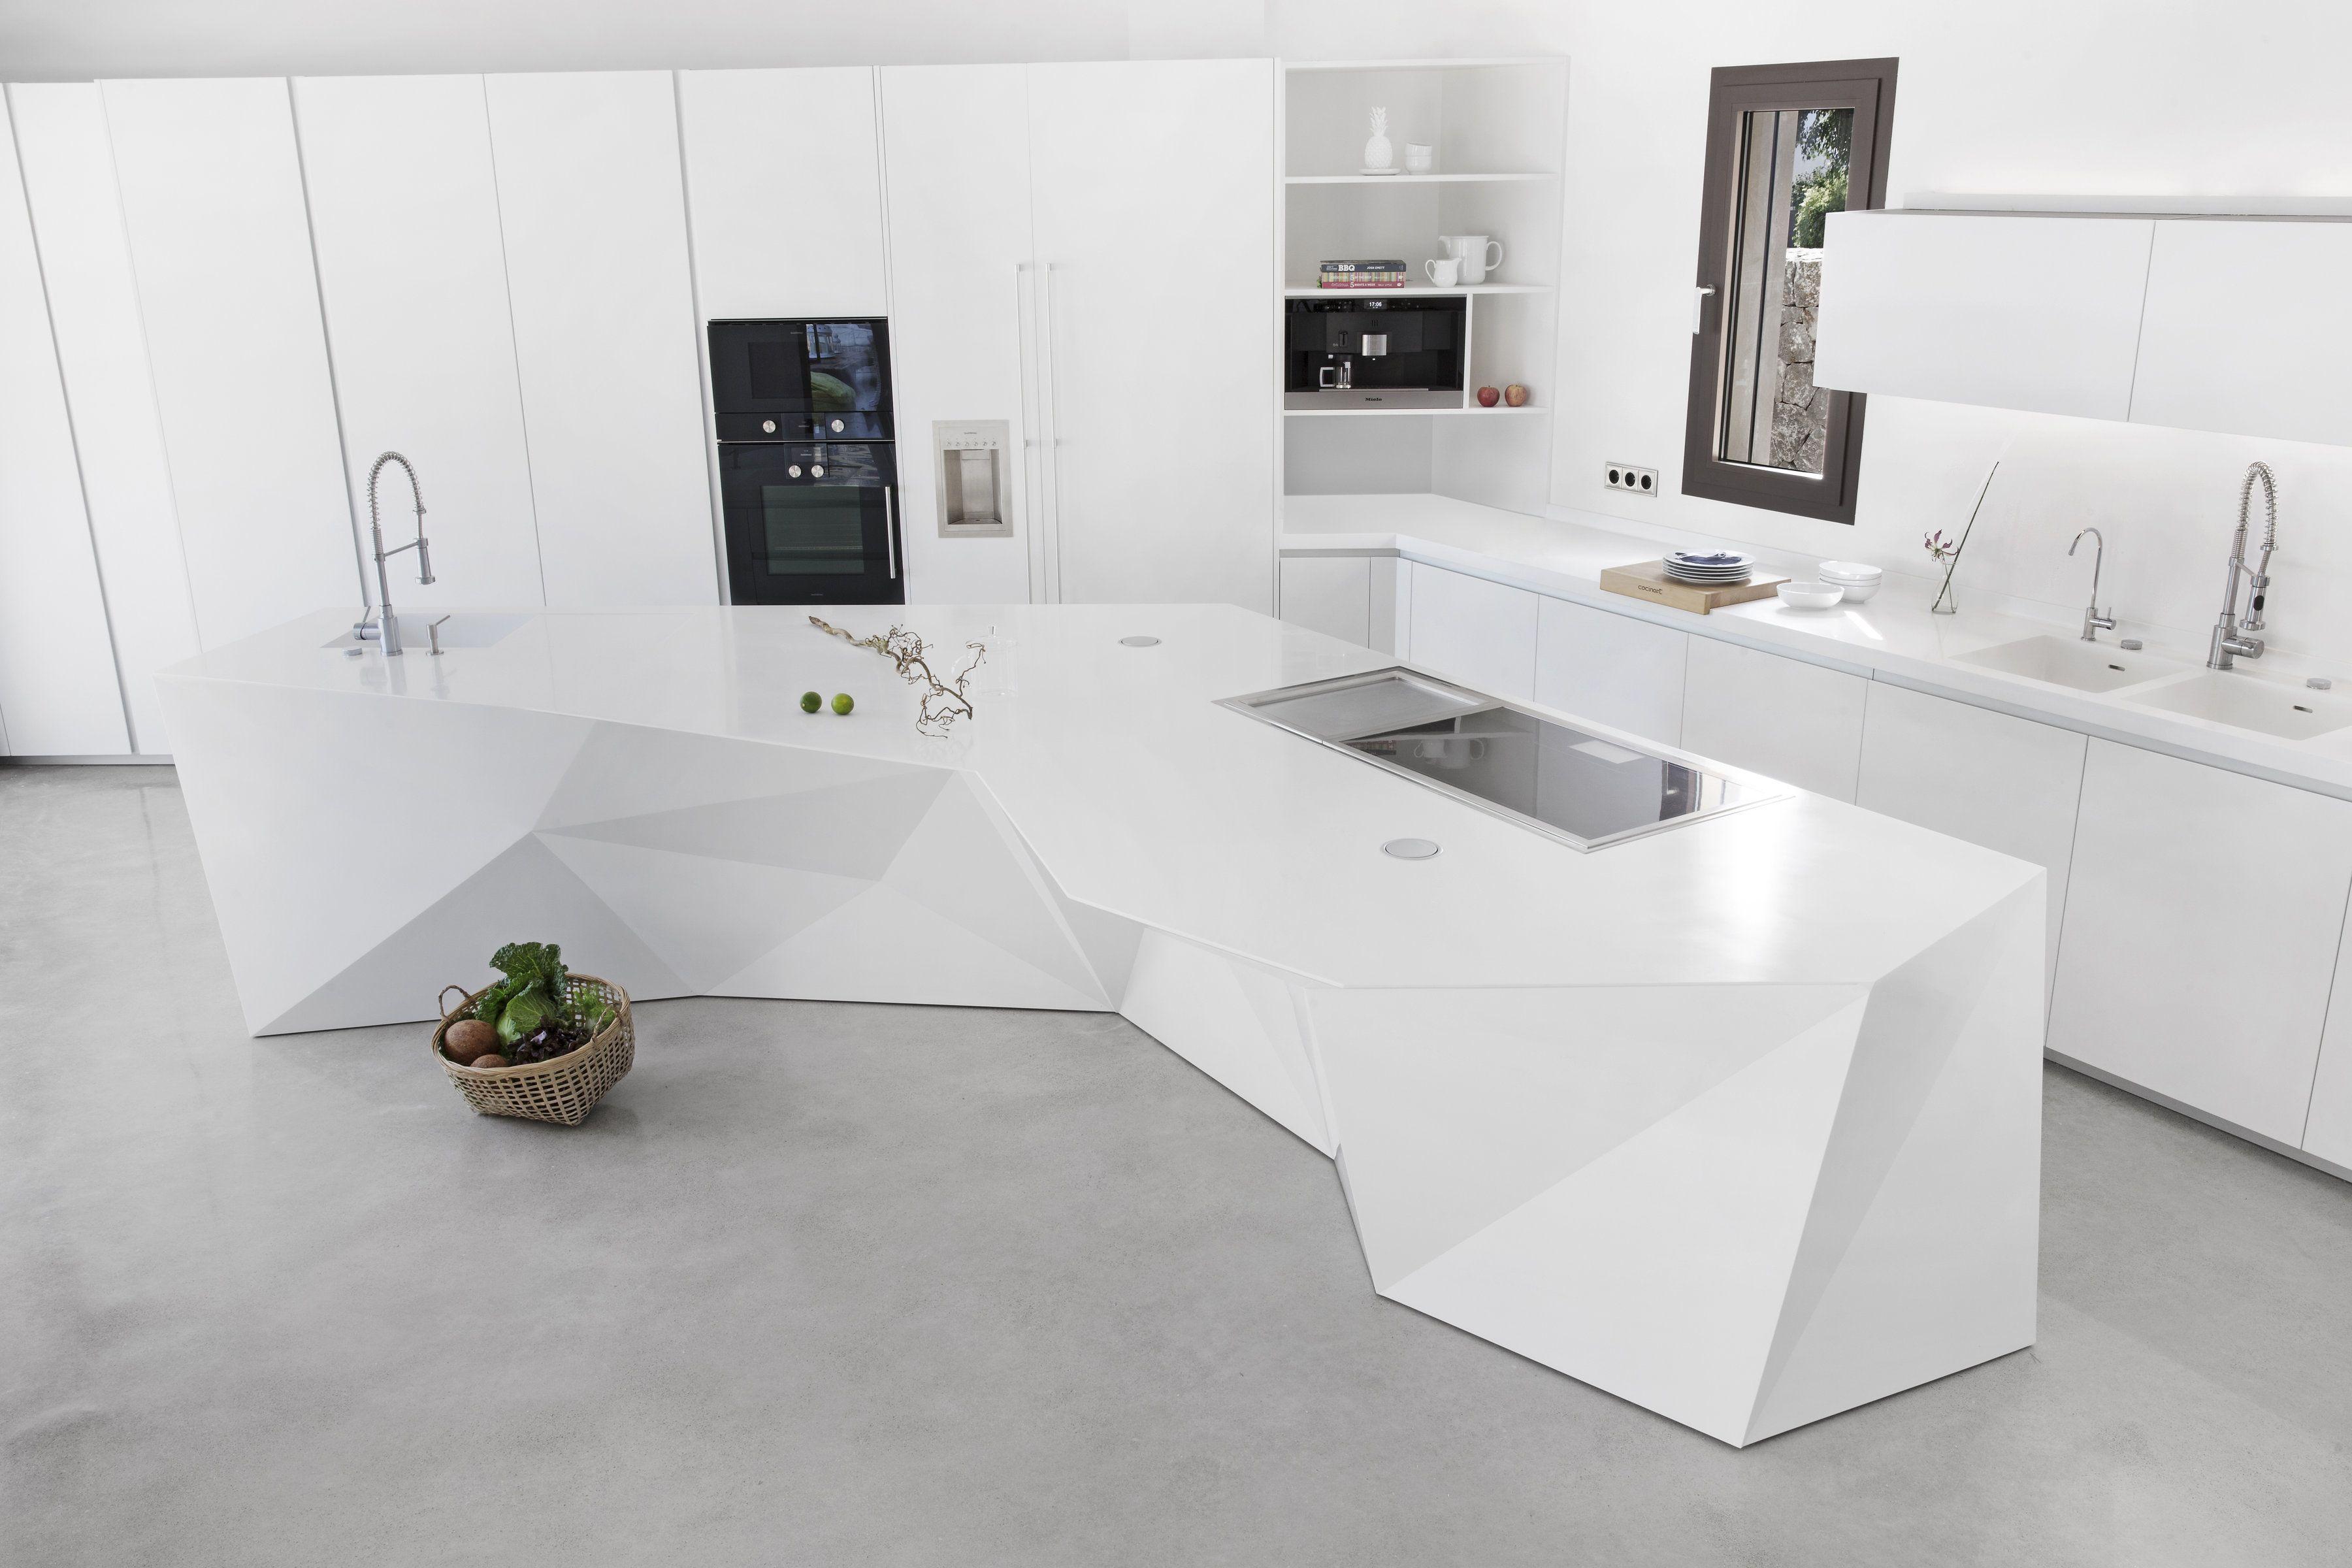 Cocina Cocinart De Inspiracion Origami En Palma De Mallorca Espaciohdg Cocinas Palma De Mallorca Cocinas Modernas